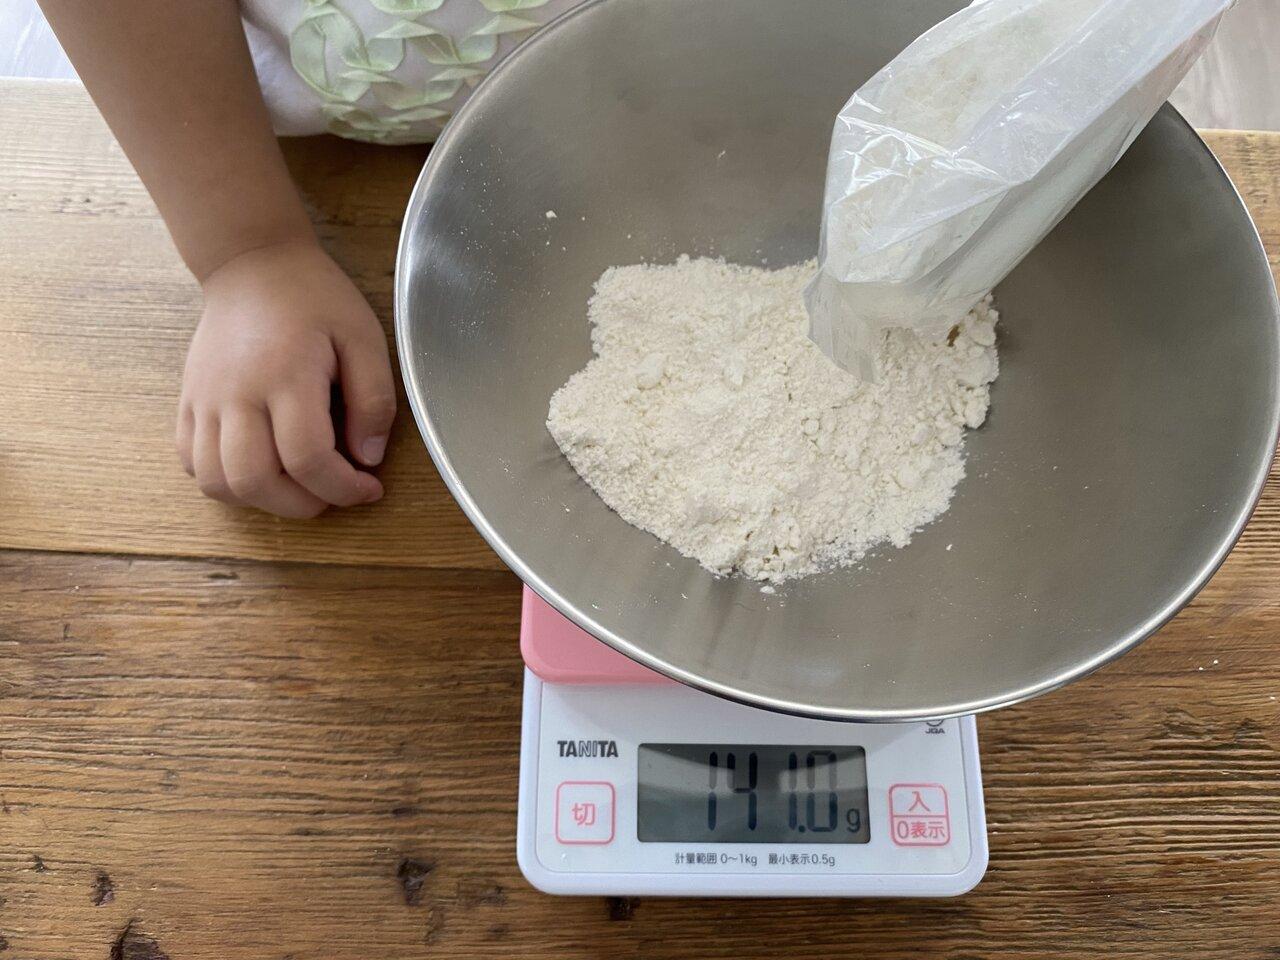 ホットケーキミックスを計量。最近、『ピタゴラスイッチ』(Eテレ)の『100グラムにちょうせん』の影響で、デジタルスケールにハマリ中の娘。